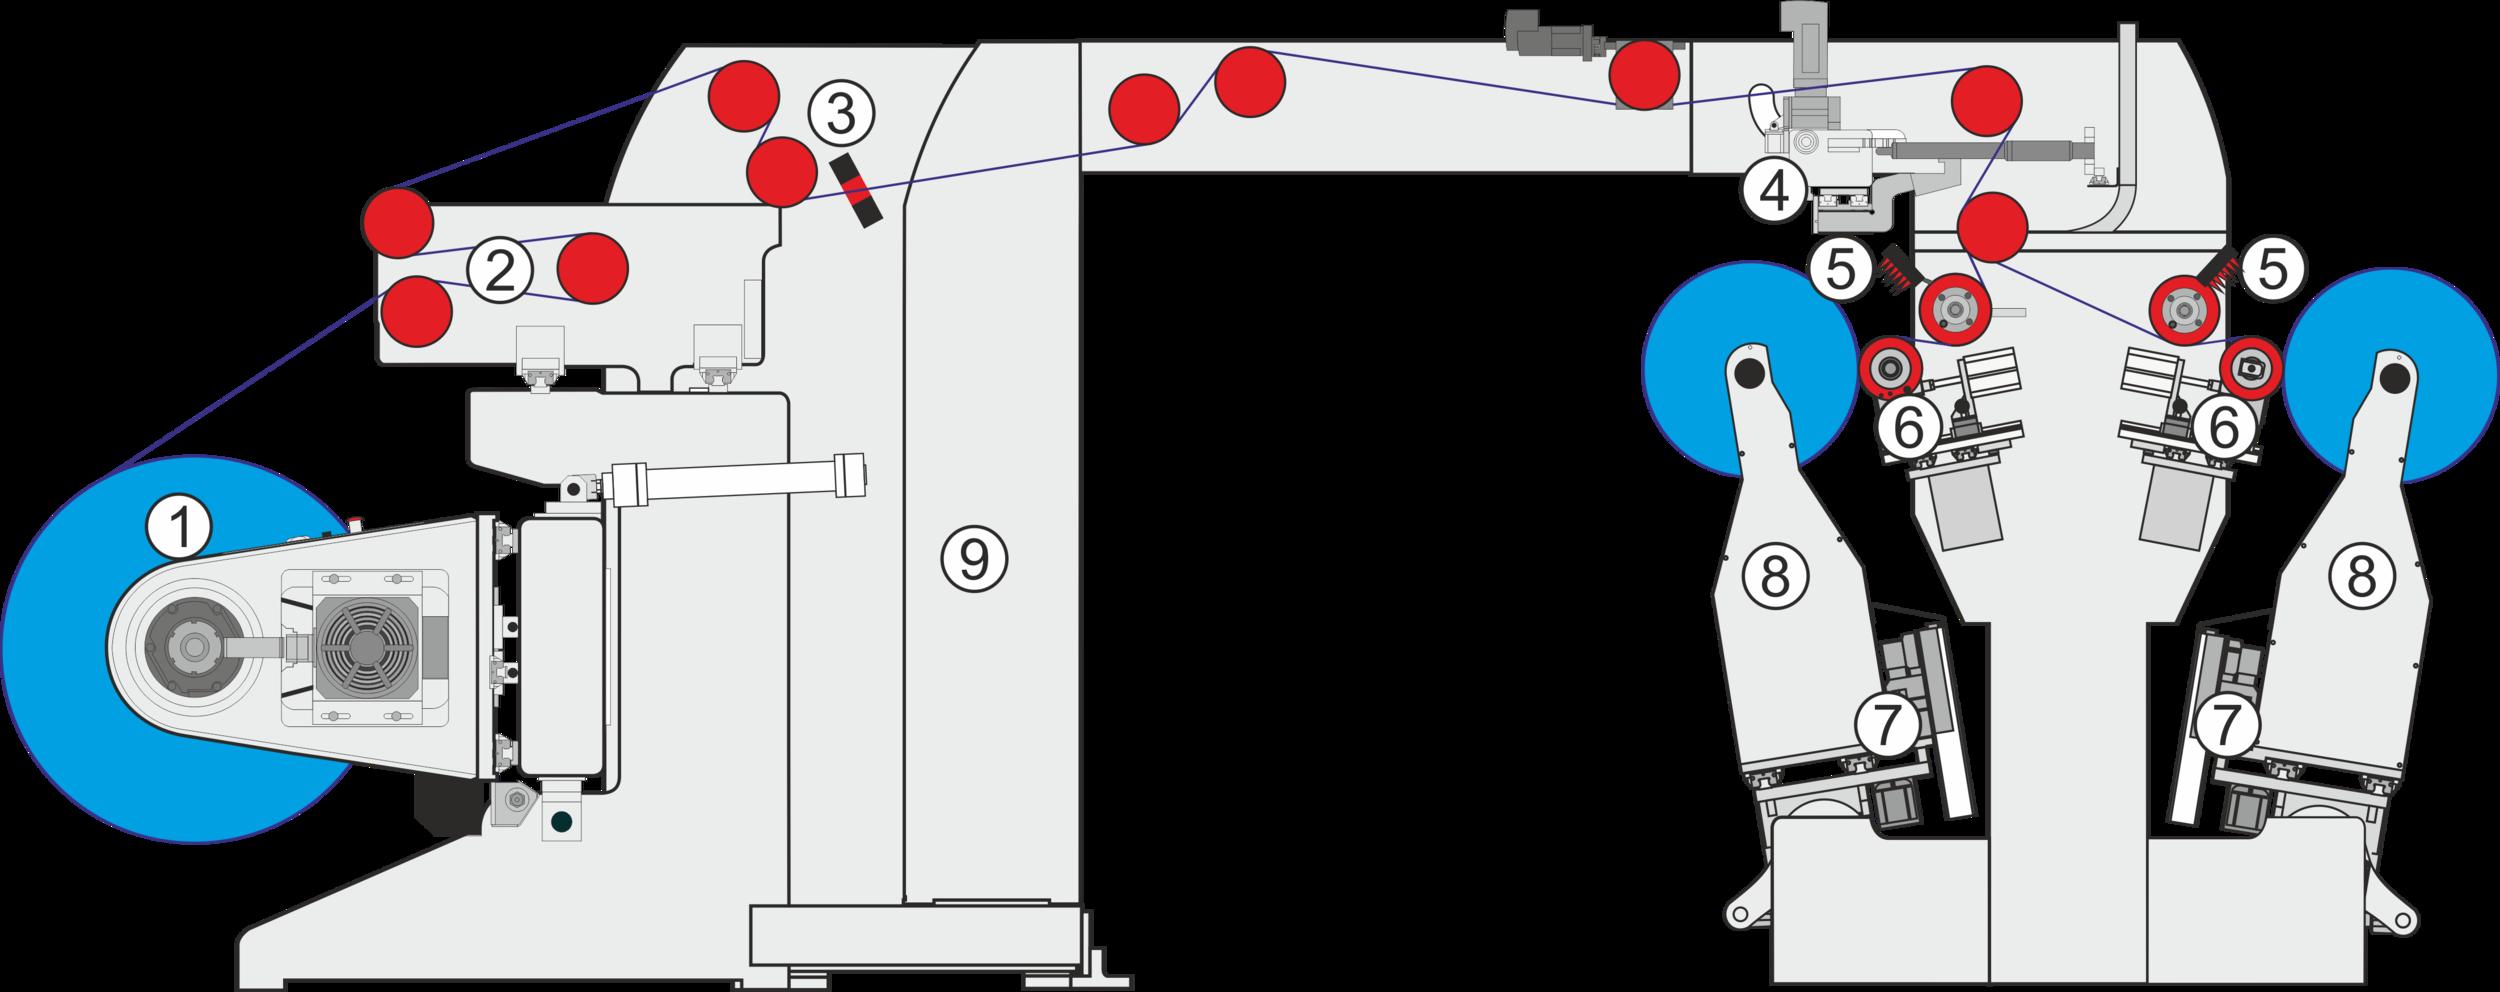 CW3600 Web Path